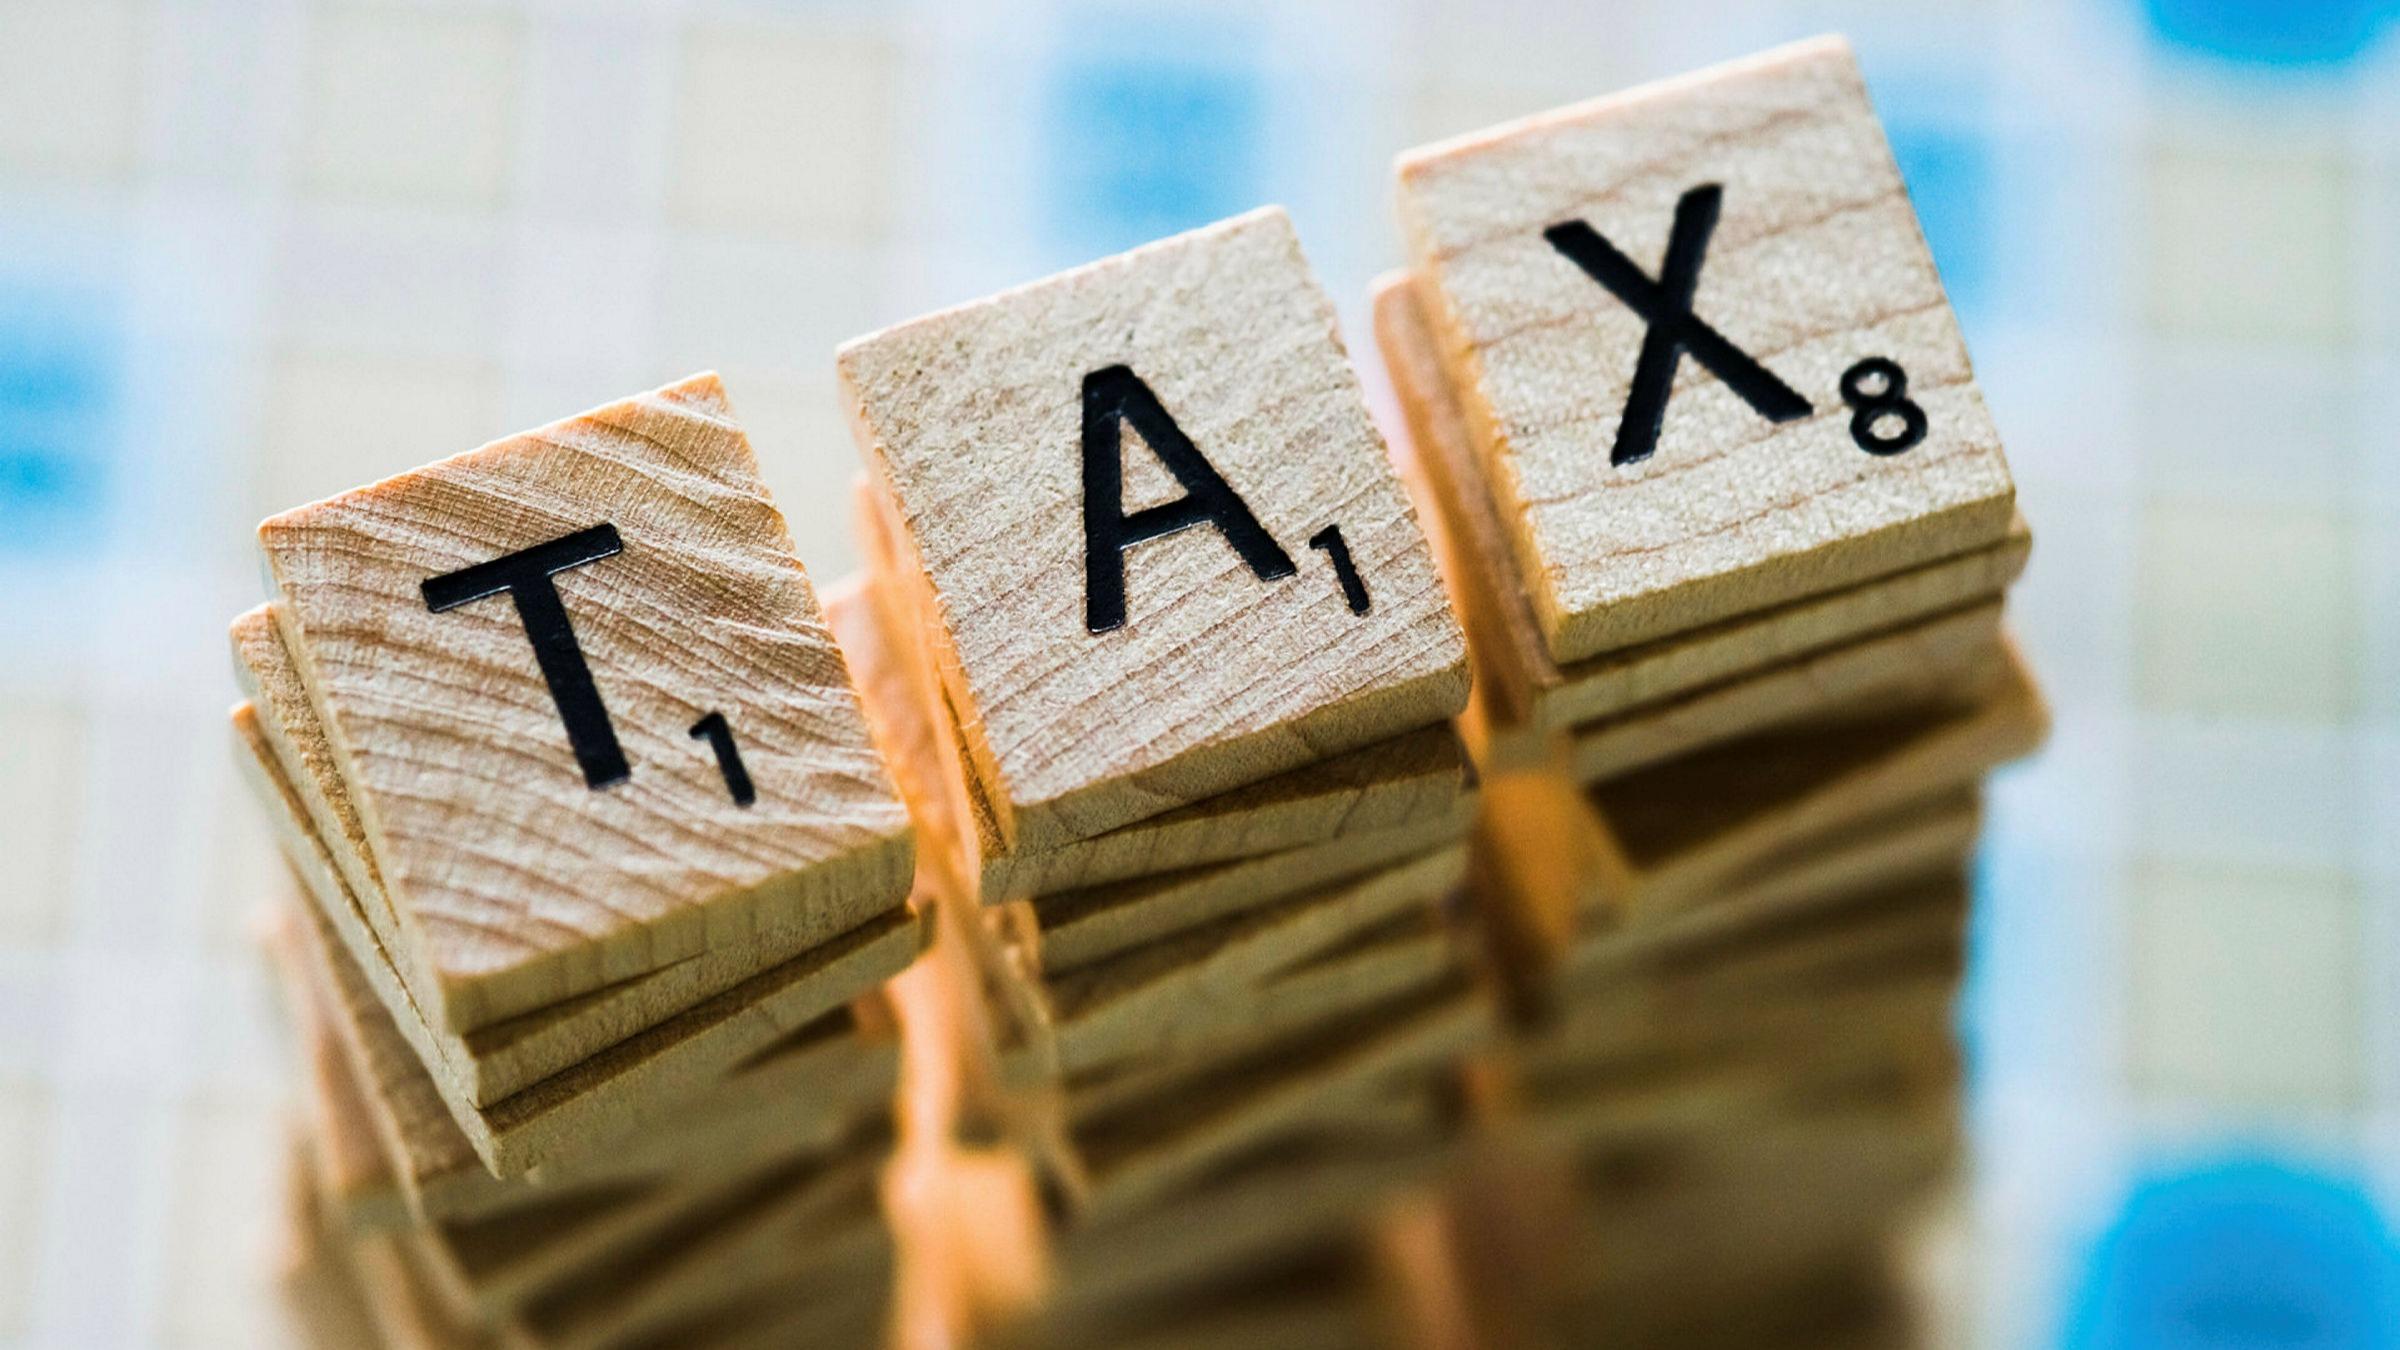 مالیات بر عایدی سرمایه دست سوداگران را از بازار دارایی کوتاه میکند؟/اجرای مالیات برعایدی سرمایه اجرا می شود؟